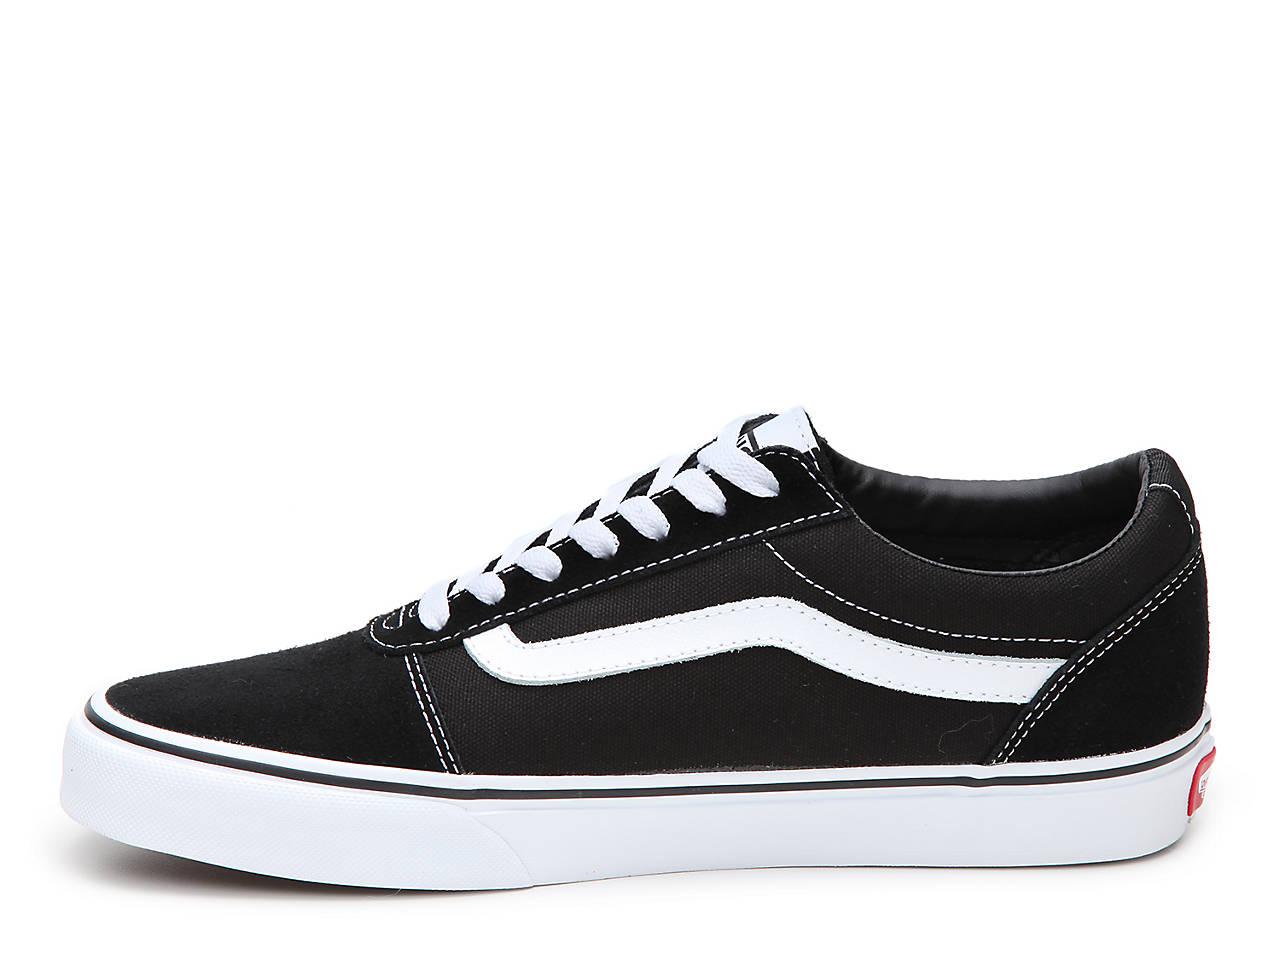 Vans Ward Lo Suede Sneaker - Women s Women s Shoes  819eca000